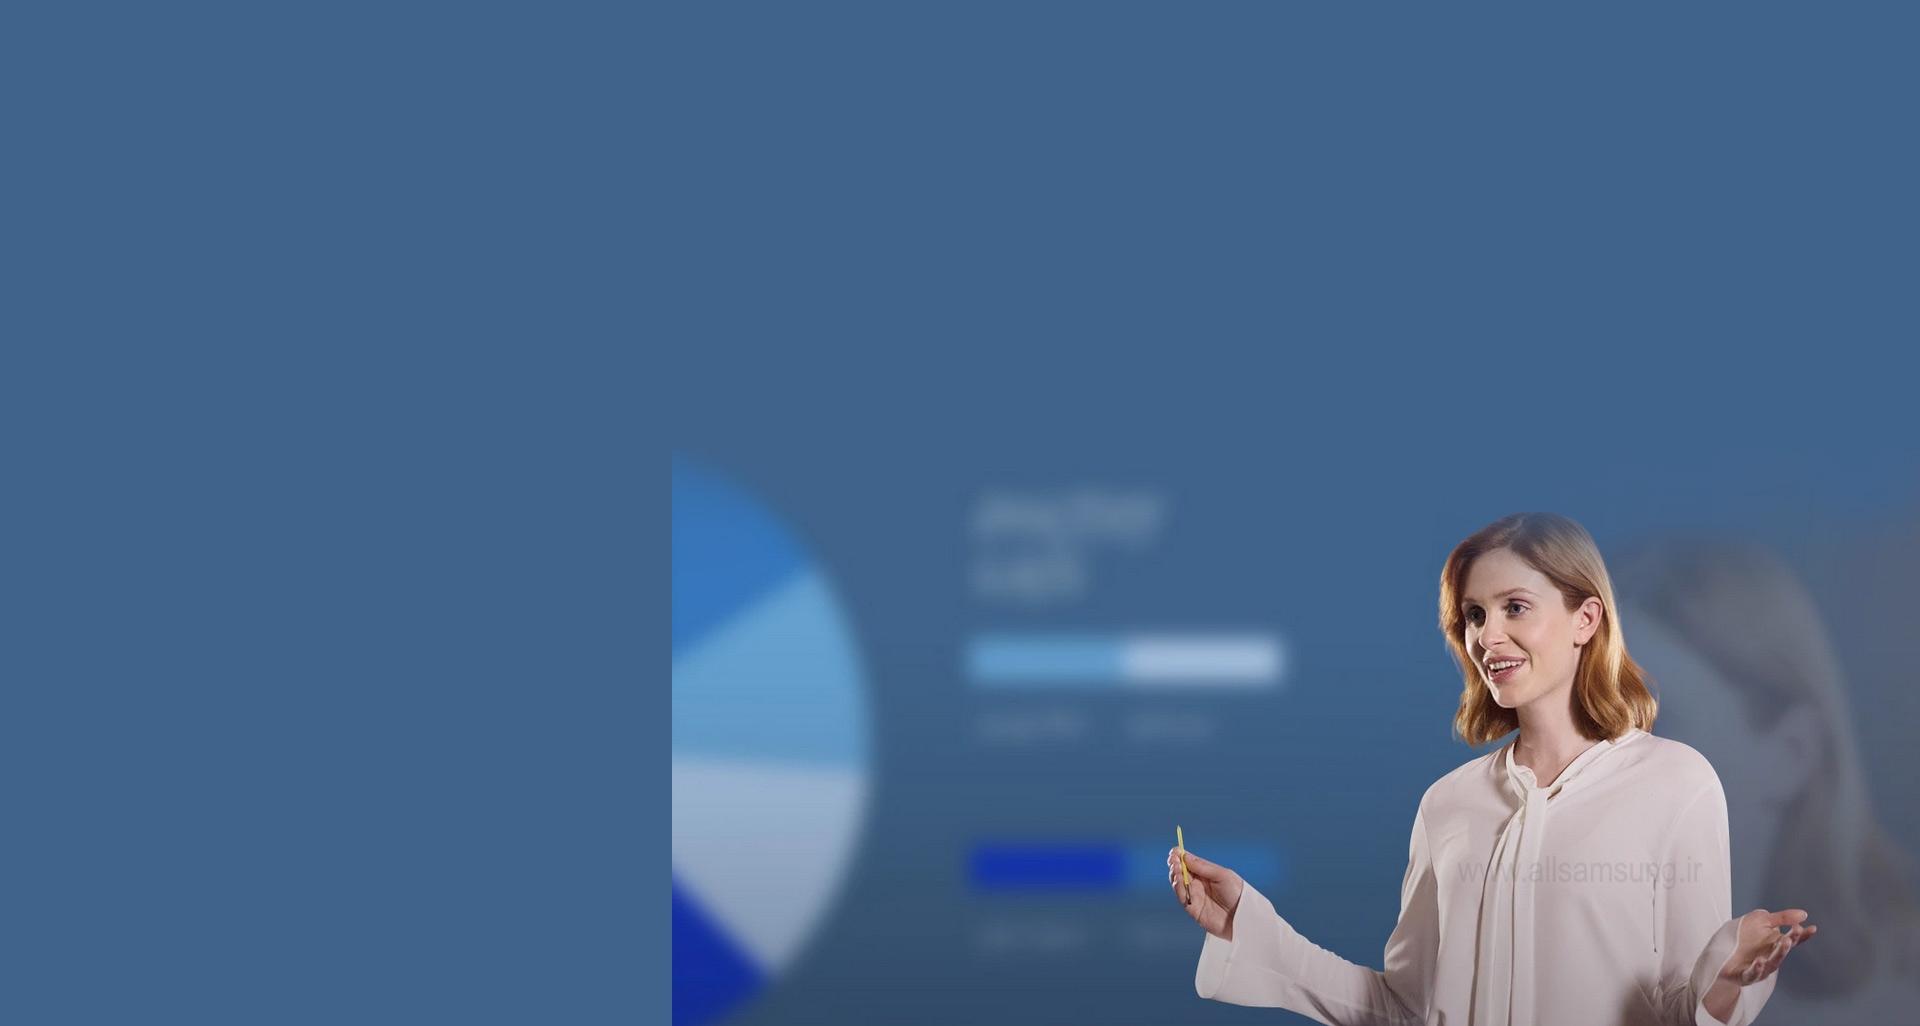 کنترل از راه دور یک کنفرانس یا ارائه سر کلاس توسط S Pen گوشی نوت 9